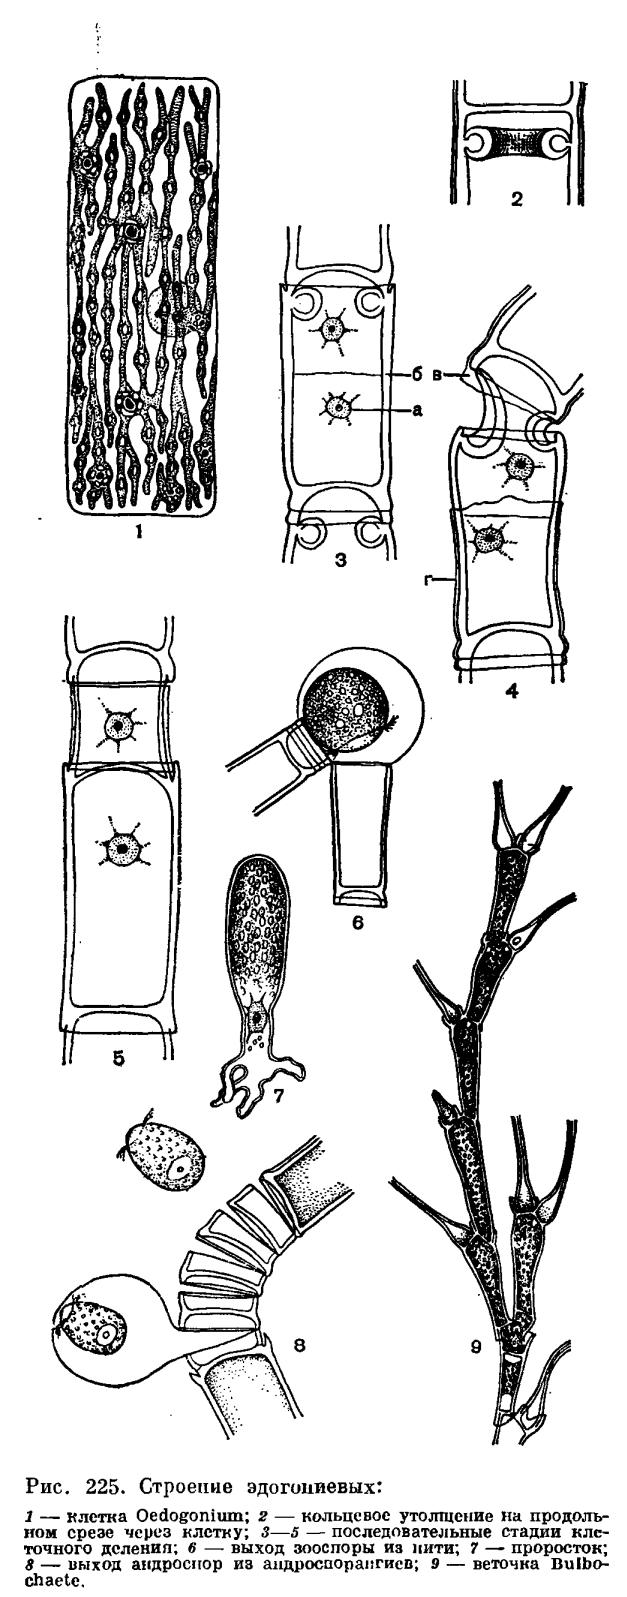 Порядок эдогониевые (Oedogoniales)